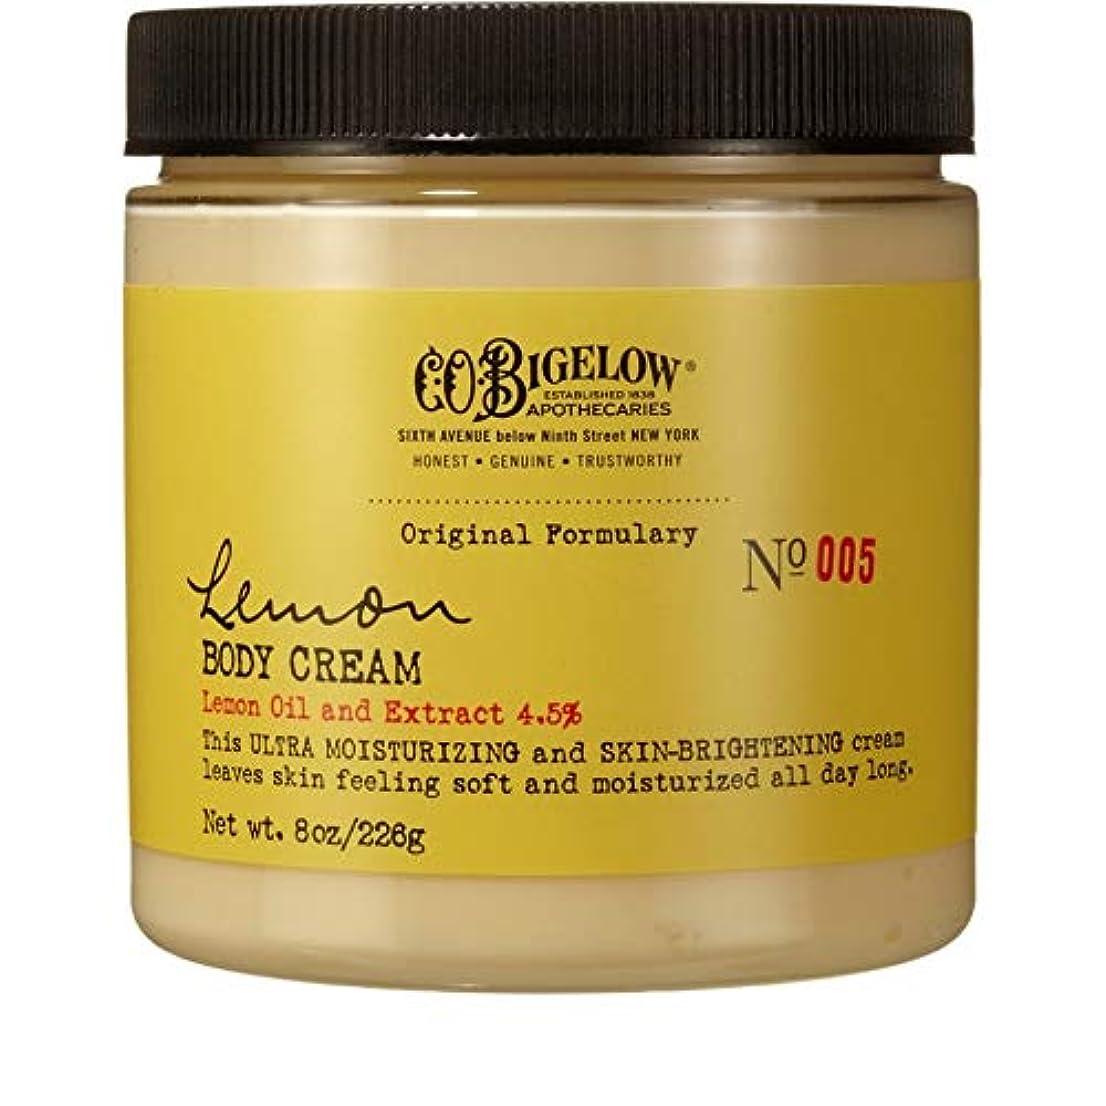 魔法爵ポール[C.O. Bigelow] C.O.ビゲローレモンボディクリーム226グラム - C.O. Bigelow Lemon Body Cream 226g [並行輸入品]